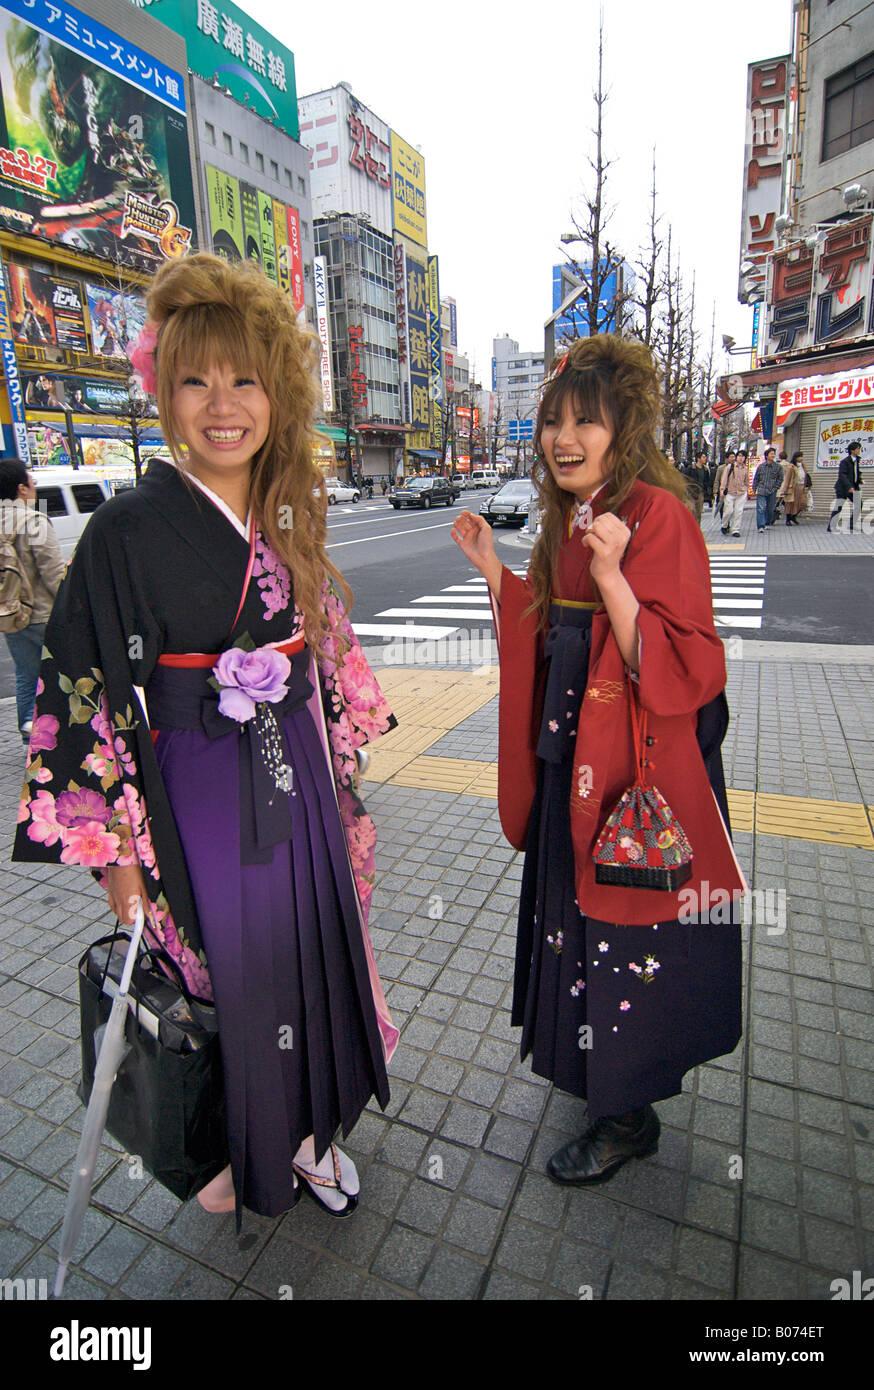 Fresco desde clases de kimono. Jóvenes japoneses posar para una foto. Ciudad Electrónica de Akihabara en Tokio JAPÓN Foto de stock